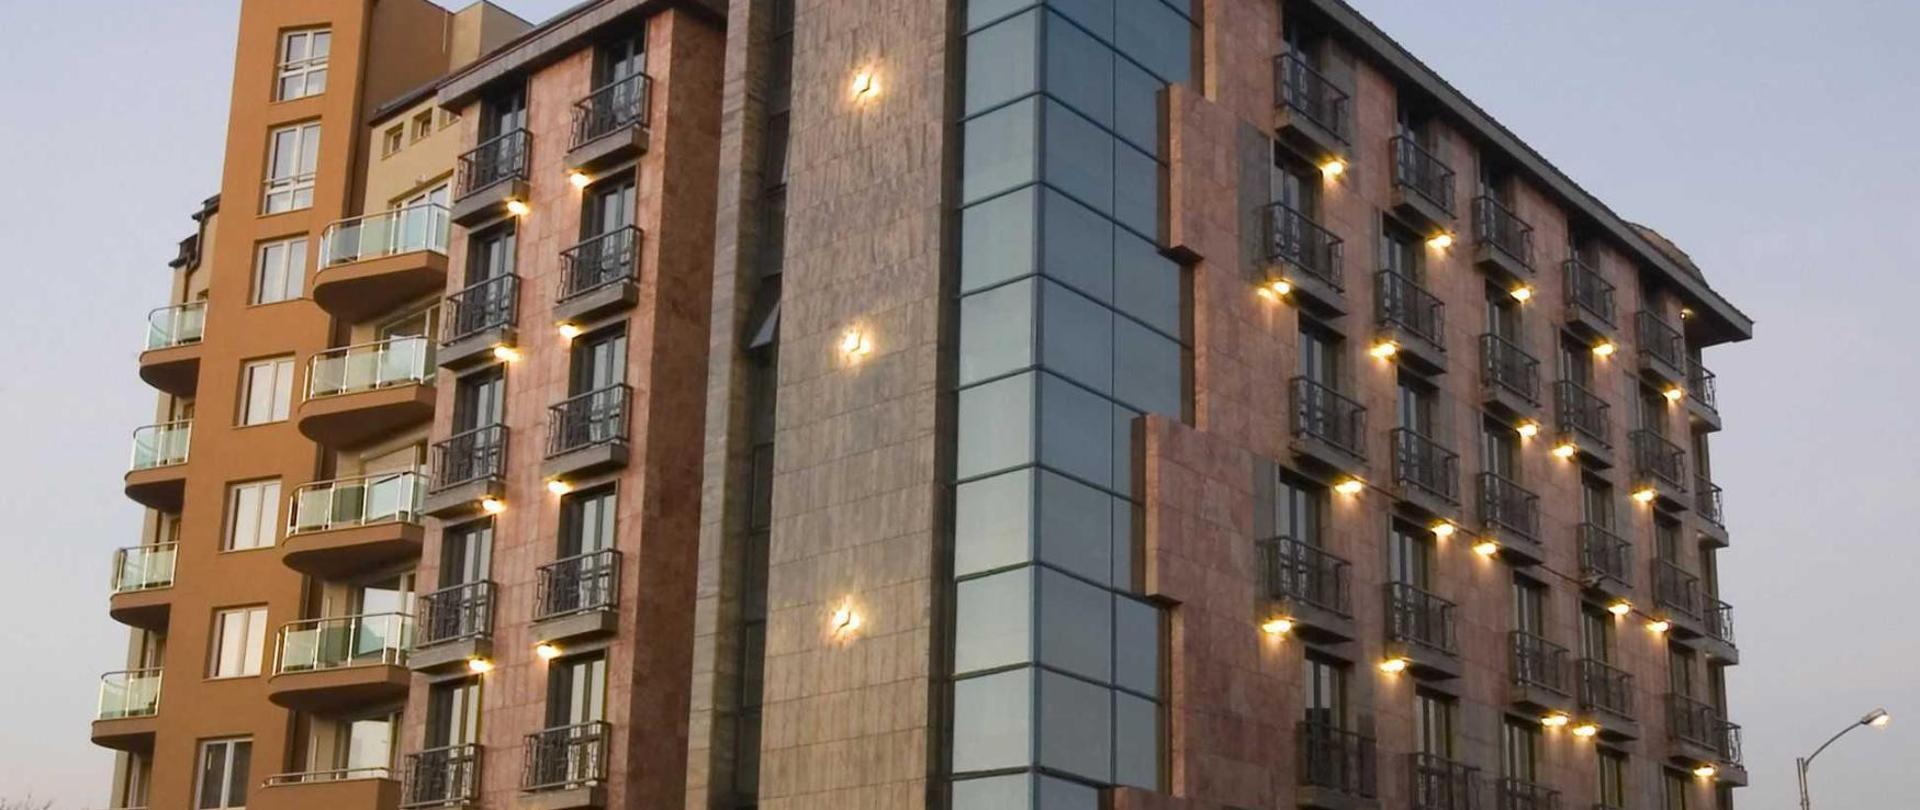 budapest_hotel_sofia_facade.jpg